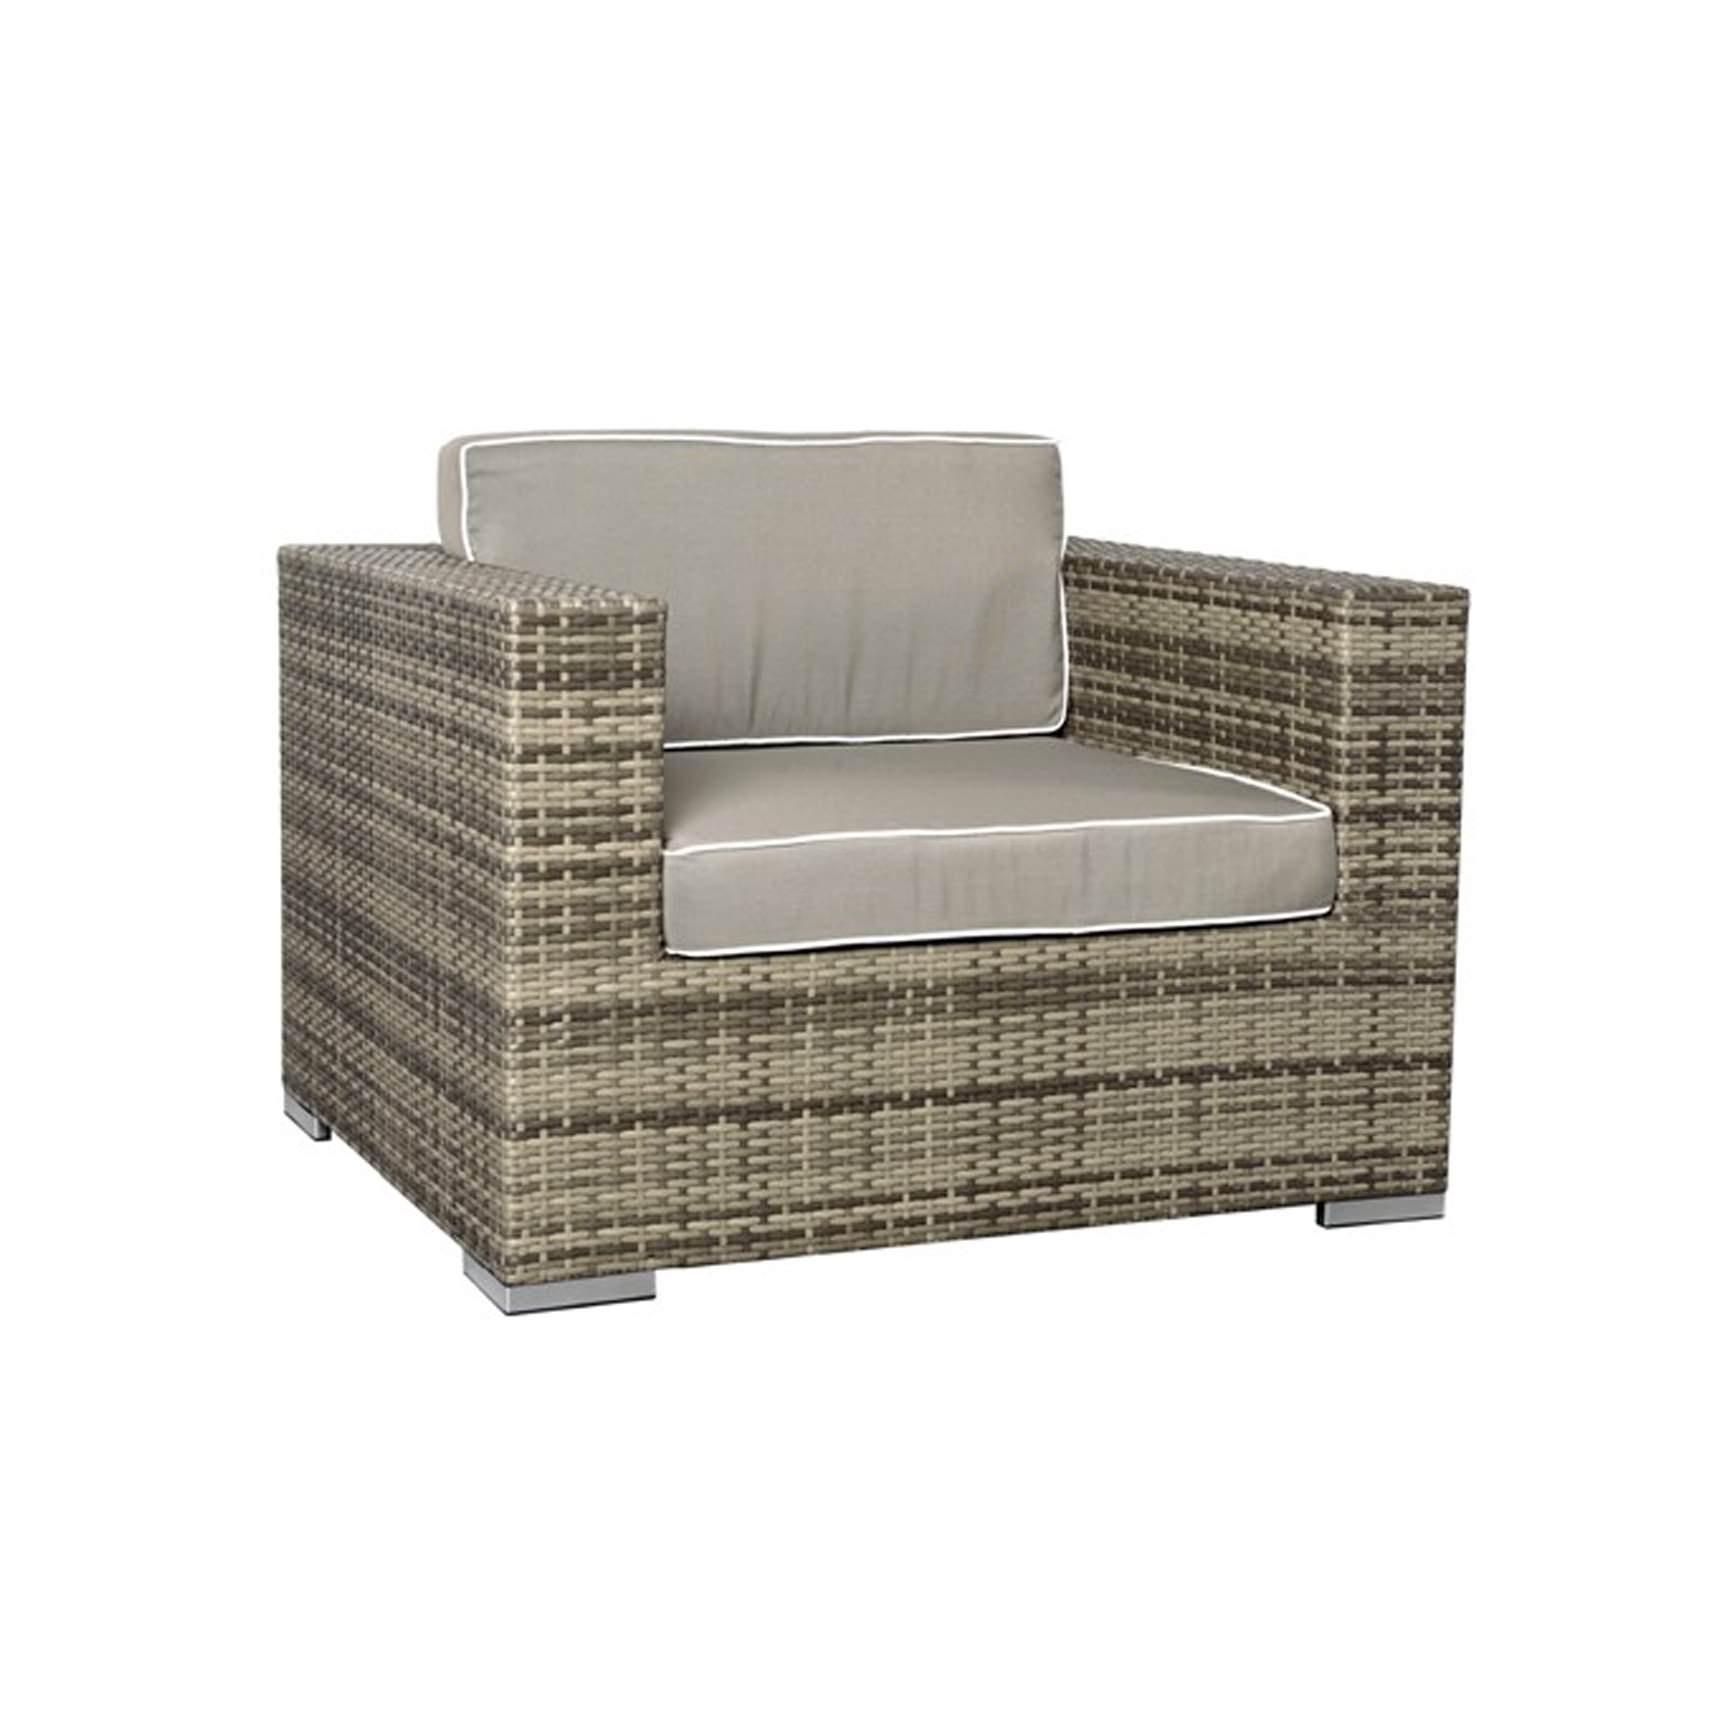 Rattan lounge grau rund  Gartenloungemöbel aus Polyrattan - viele Spar Sets sofort lieferbar